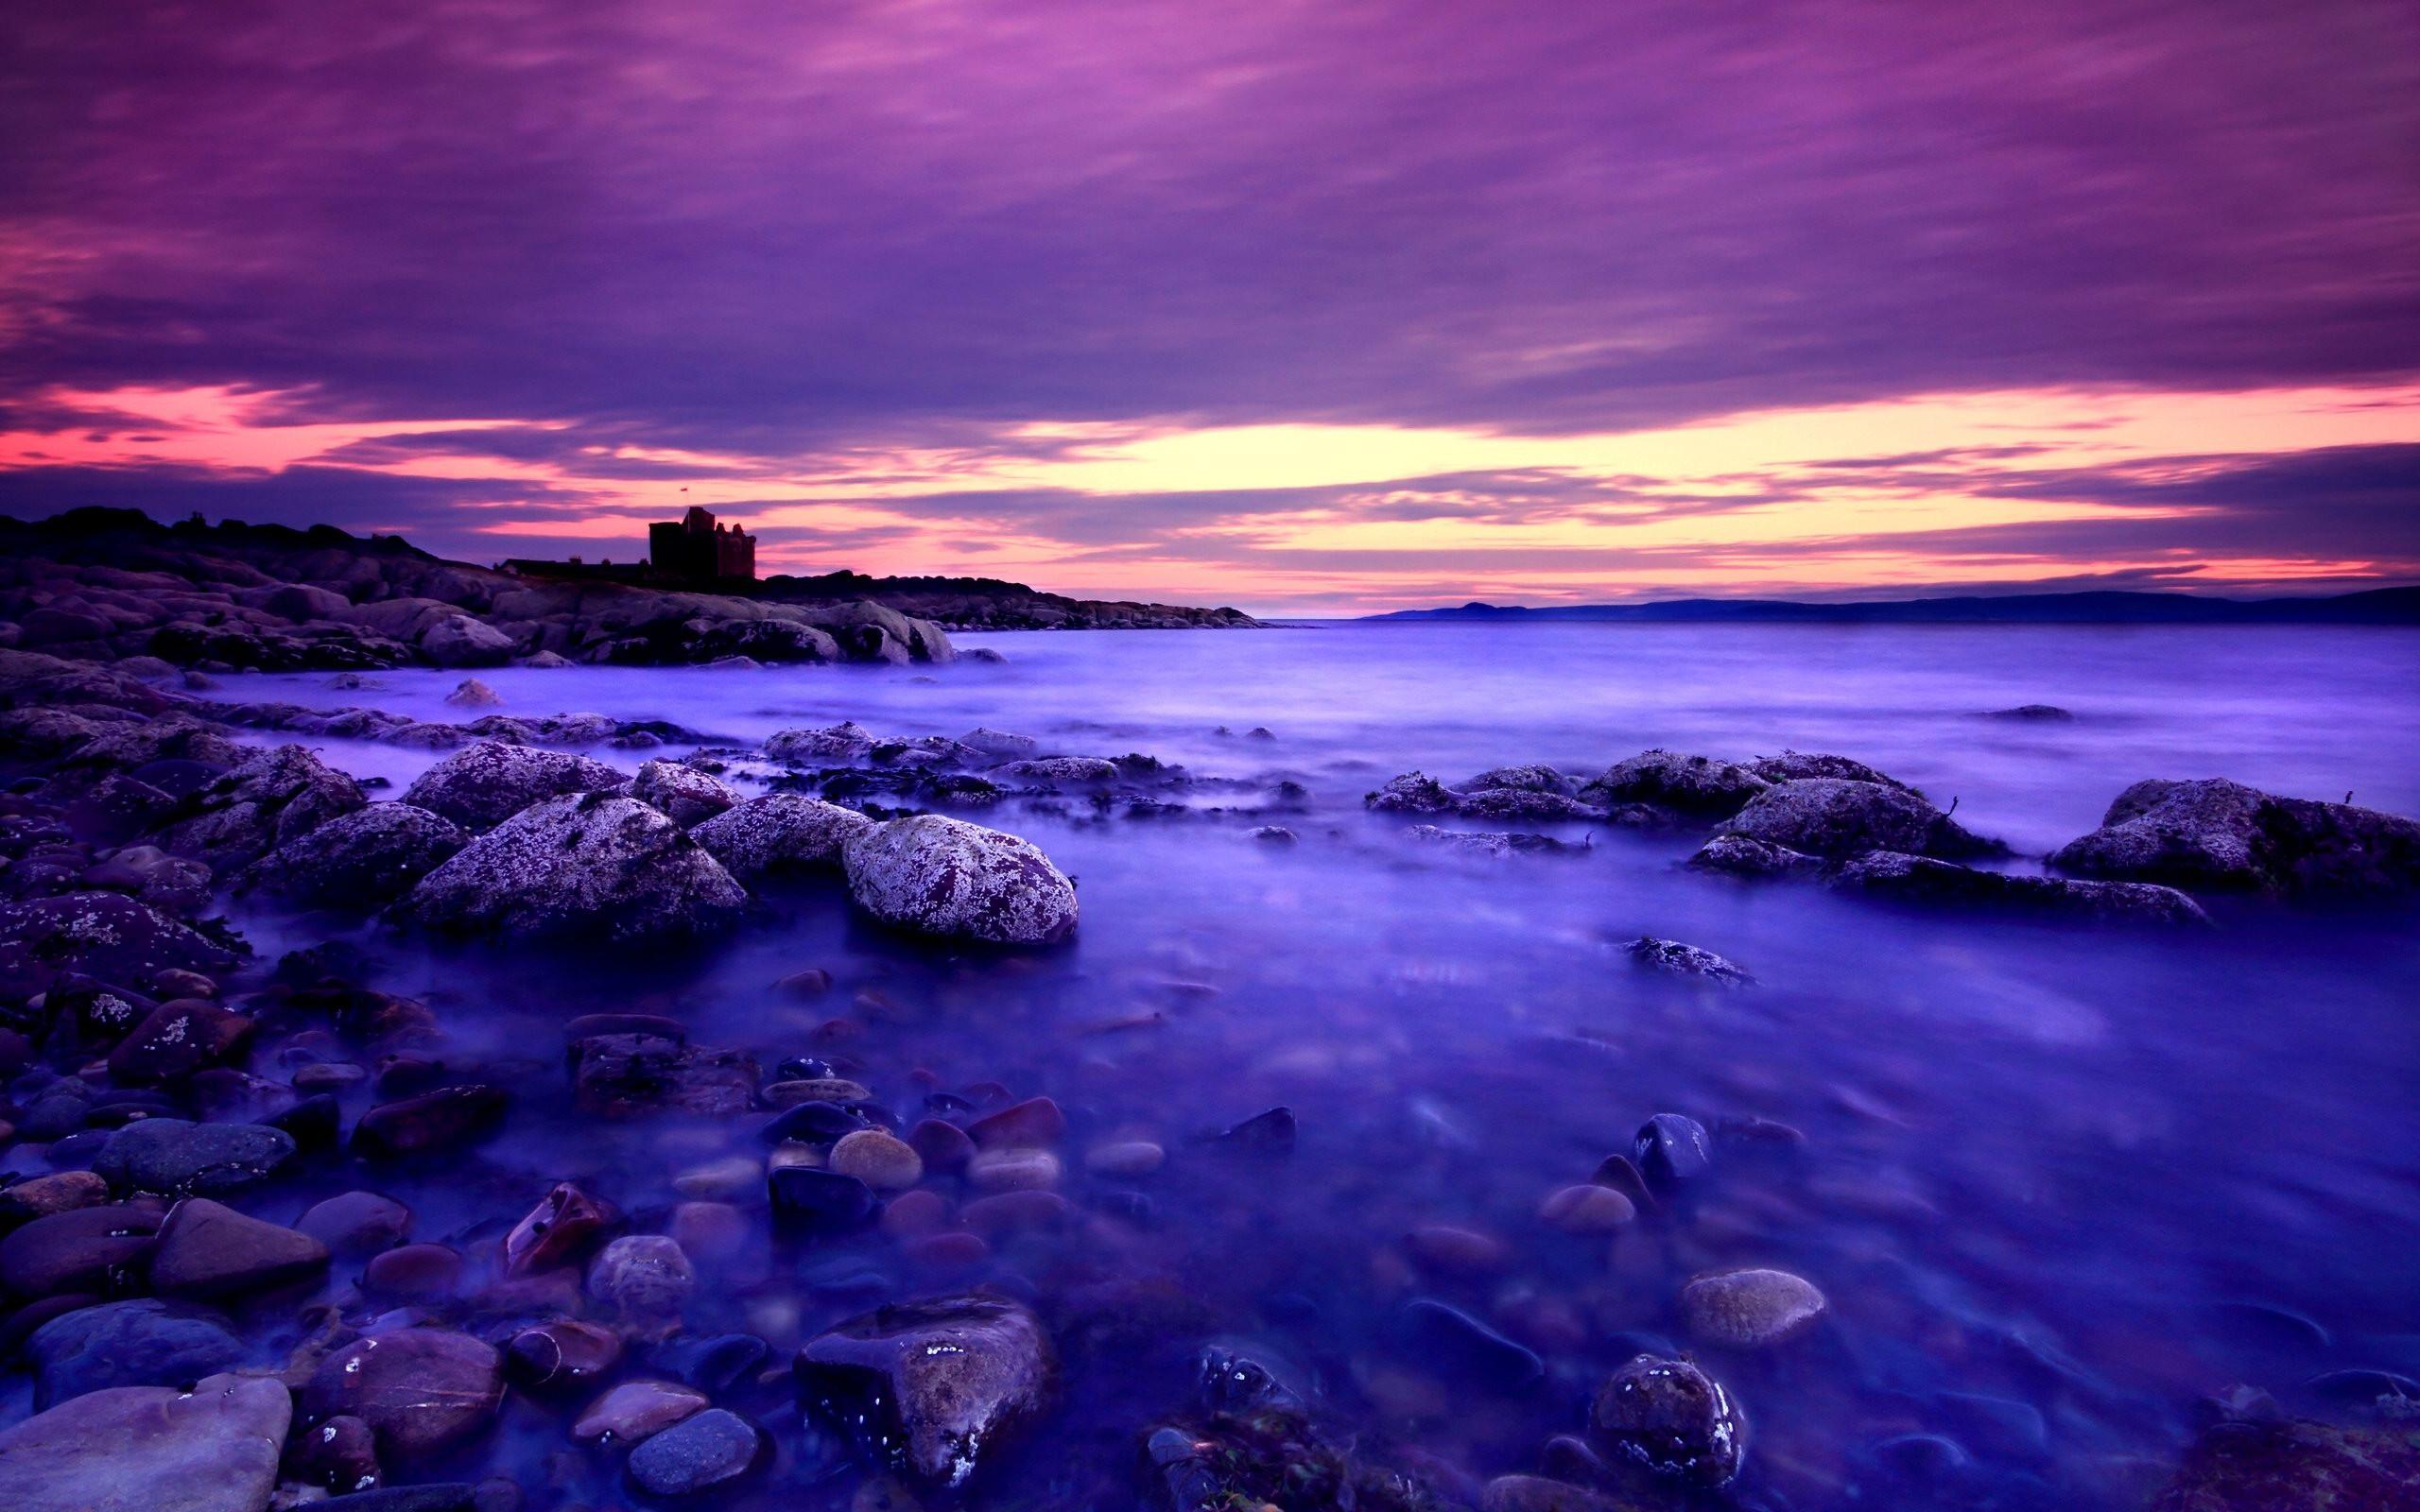 картинки фиолетовый пейзаж делают